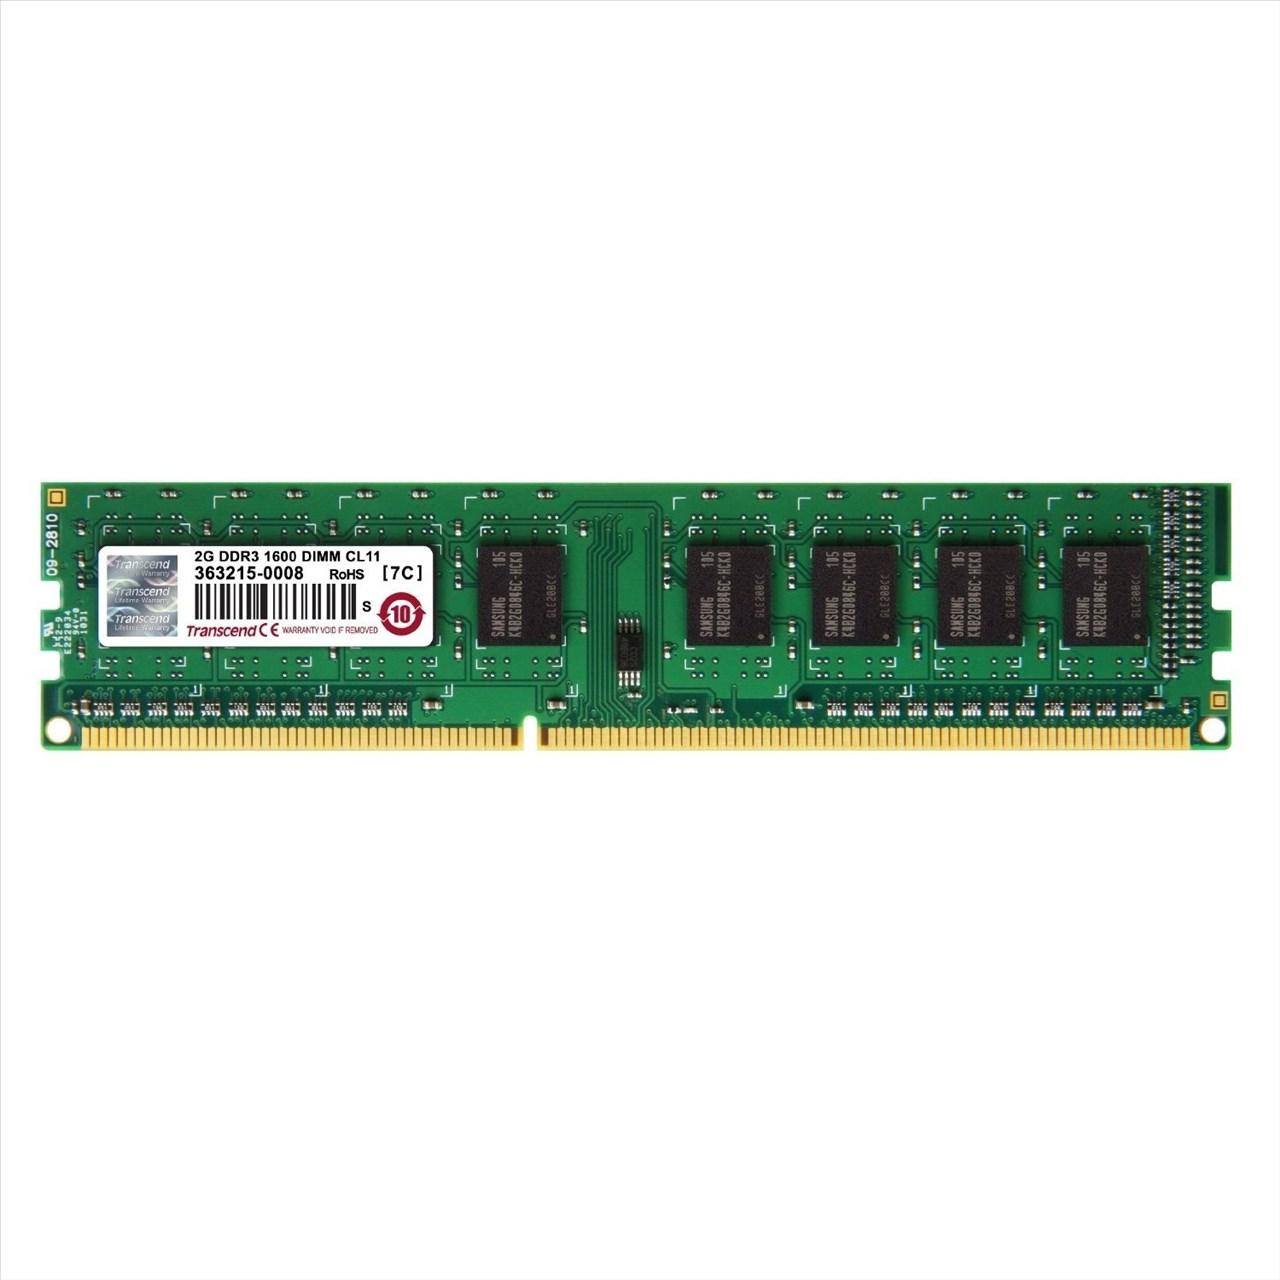 【新風尚潮流】創見桌上型 2G DDR3-1600 終身保固 公司貨 TS256MLK64V6N